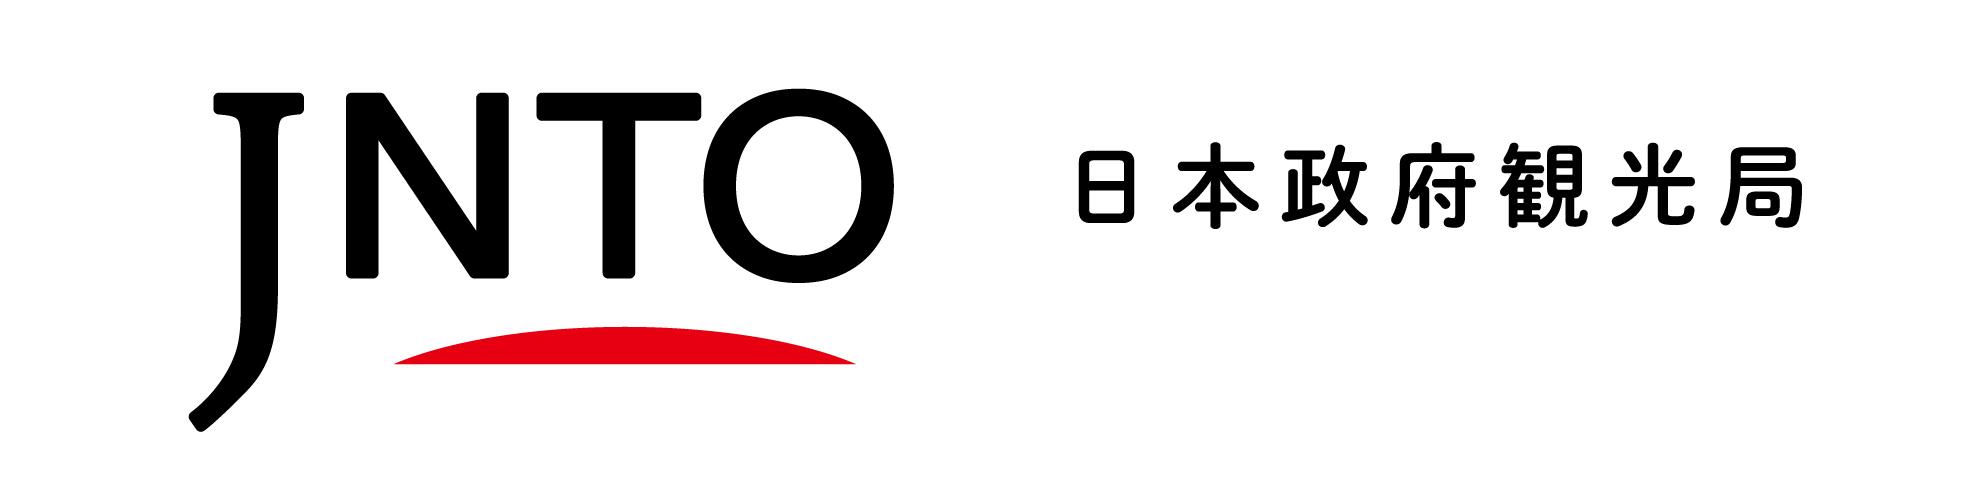 北関東インバウンドアワード後援 JNTO(日本政府観光局)